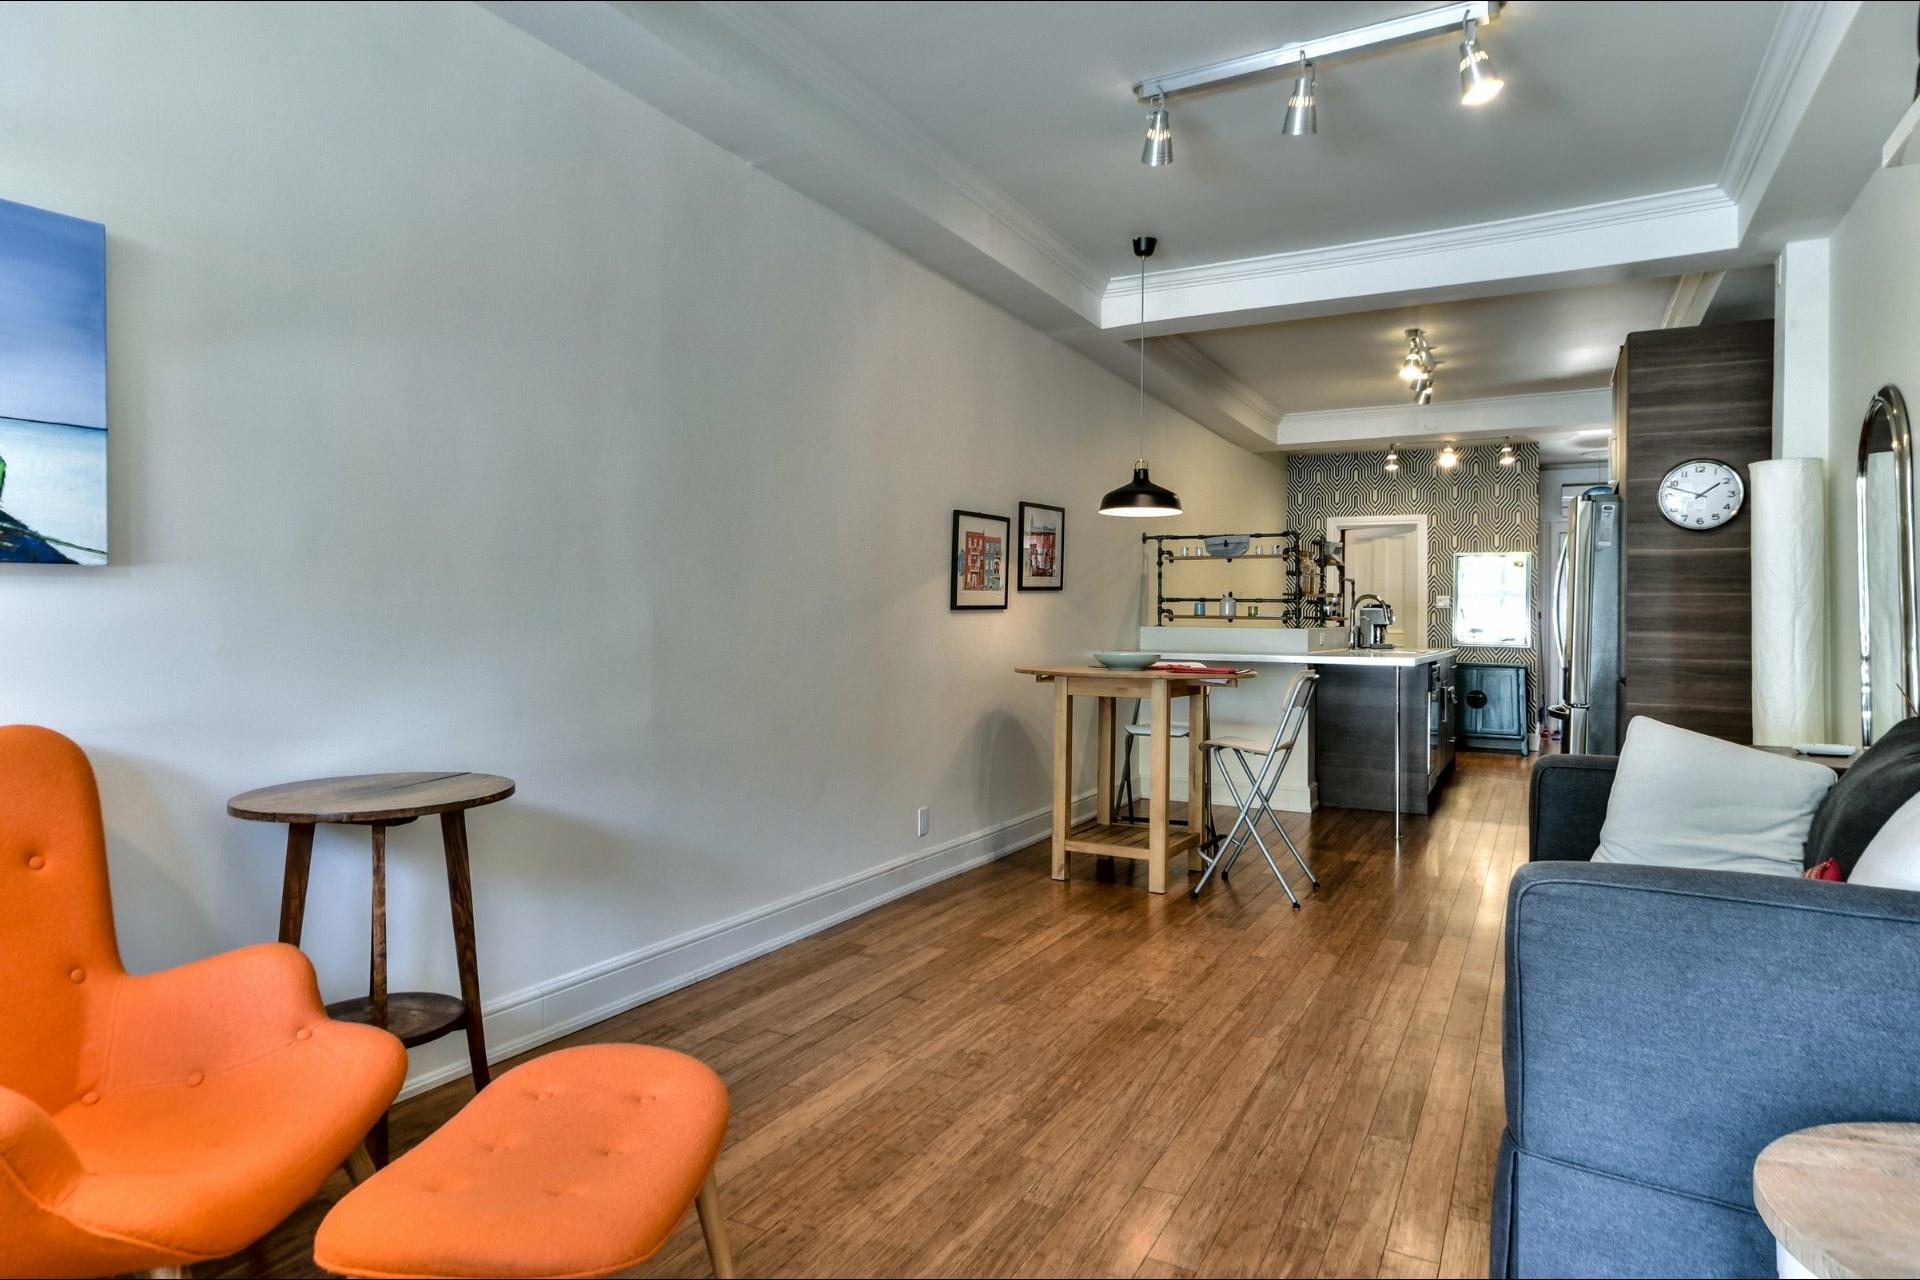 image 7 - Appartement À vendre Le Plateau-Mont-Royal Montréal  - 5 pièces